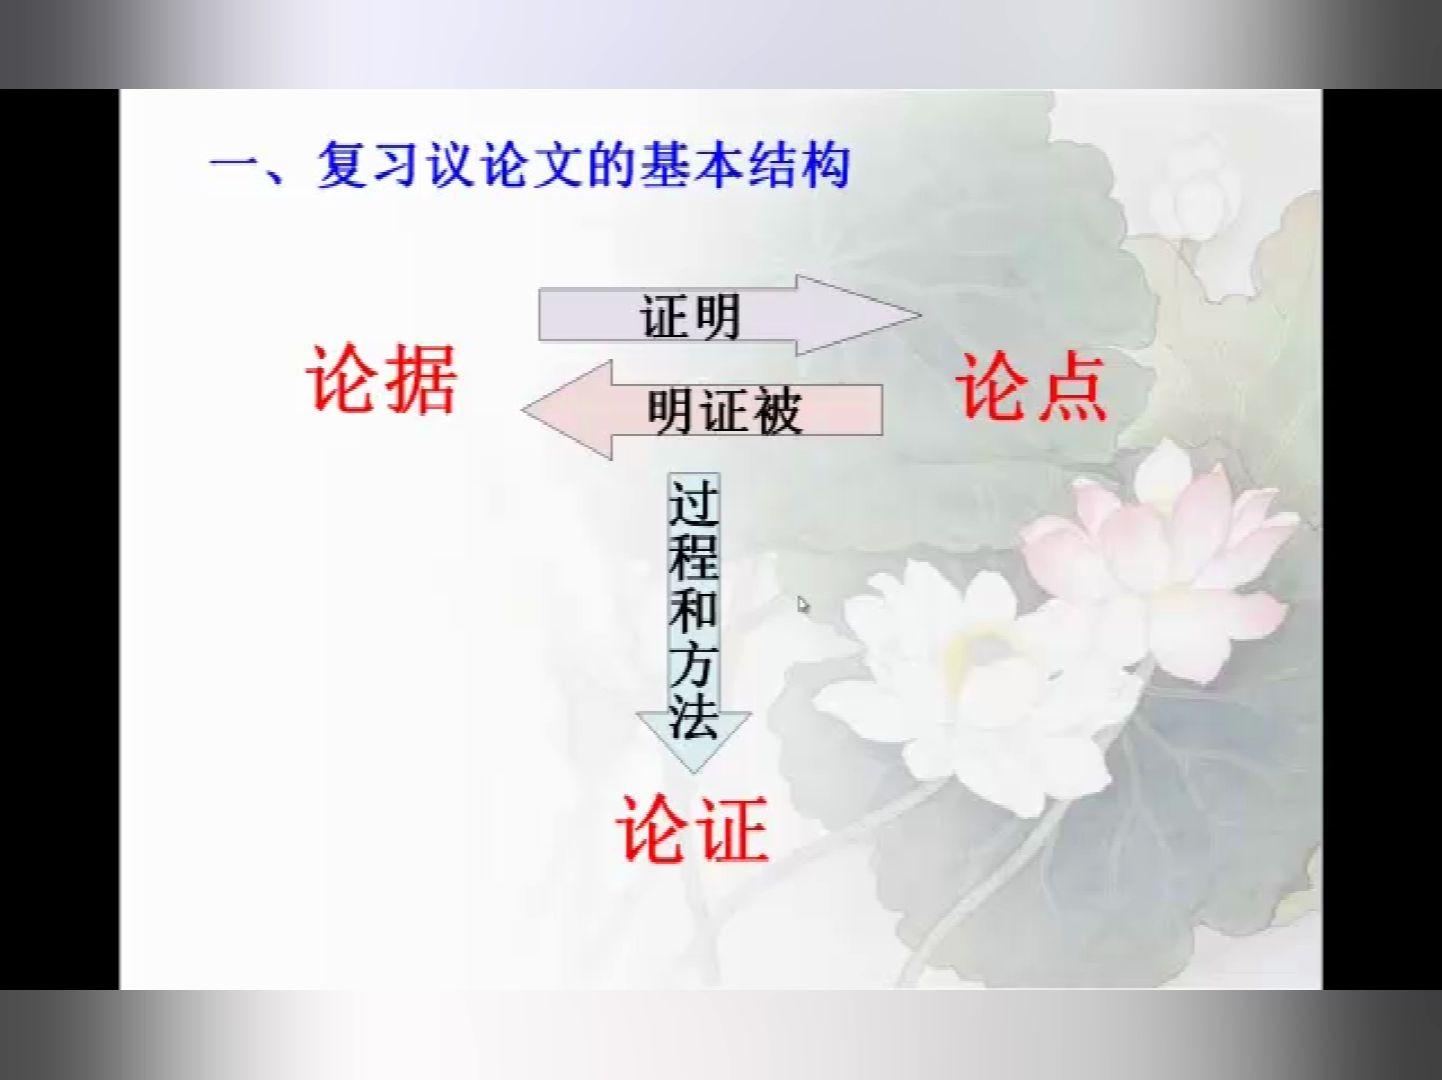 #中考 【中考议论文结构】 考试 语文 初三 深圳福田